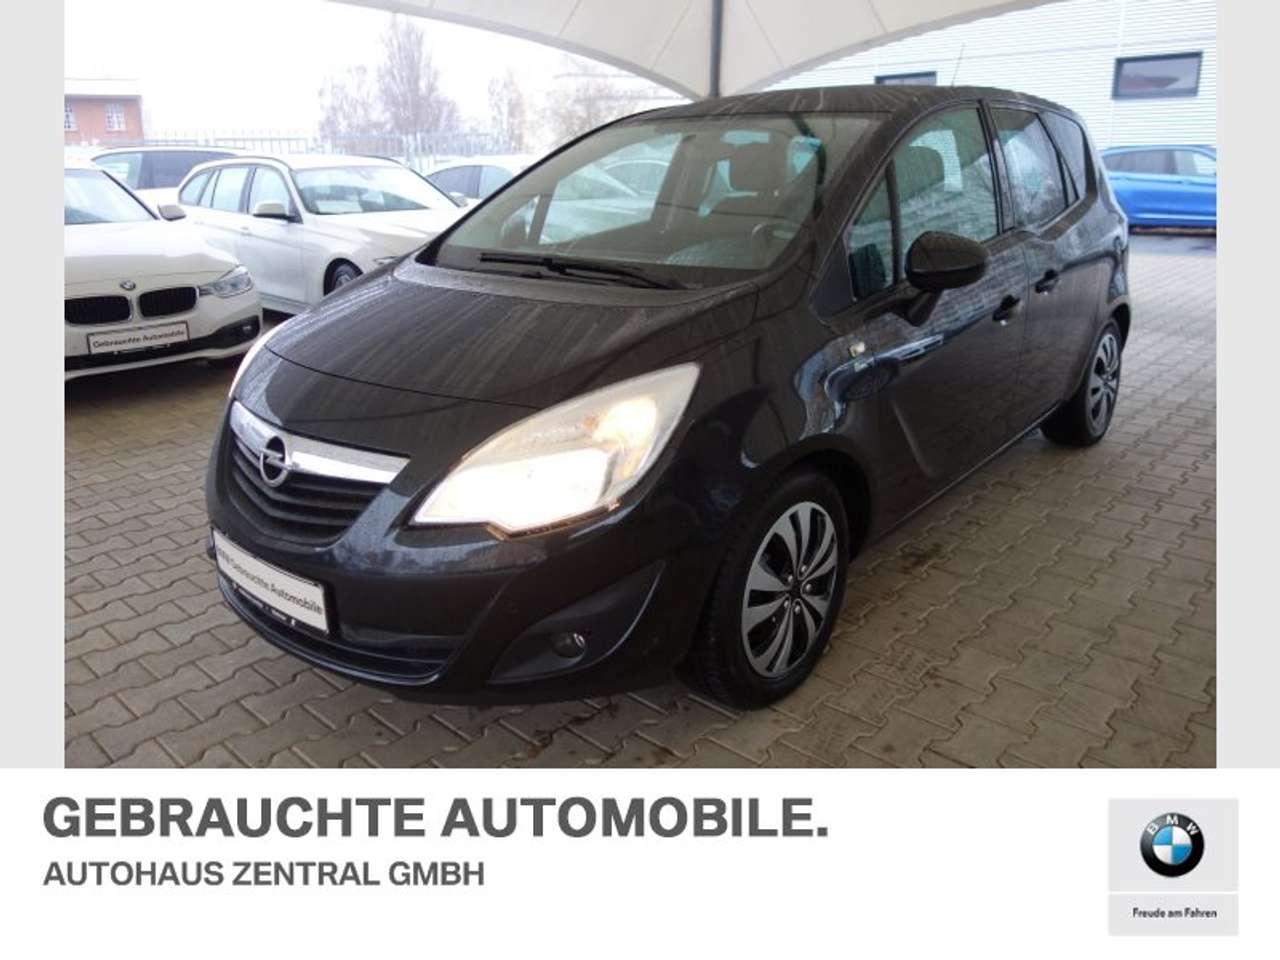 Used Opel Meriva 1.4 Turbo